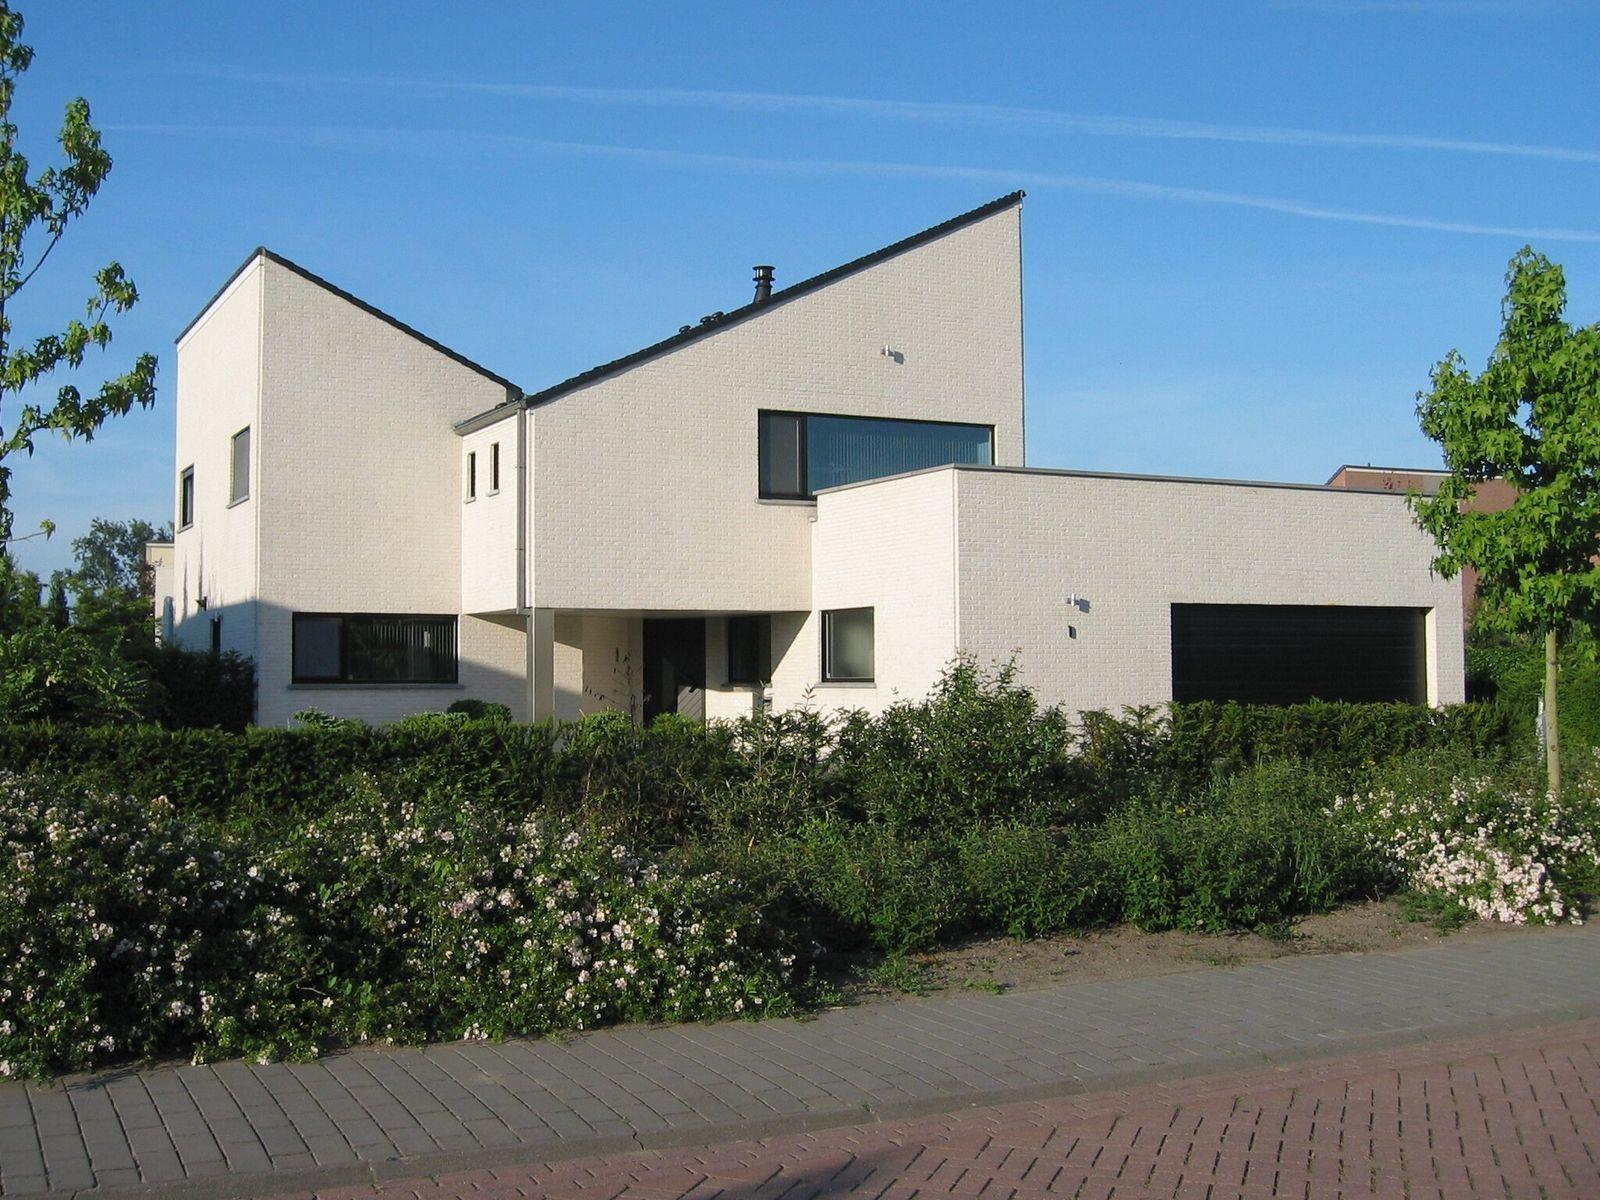 Jagersberg 1, Roosendaal